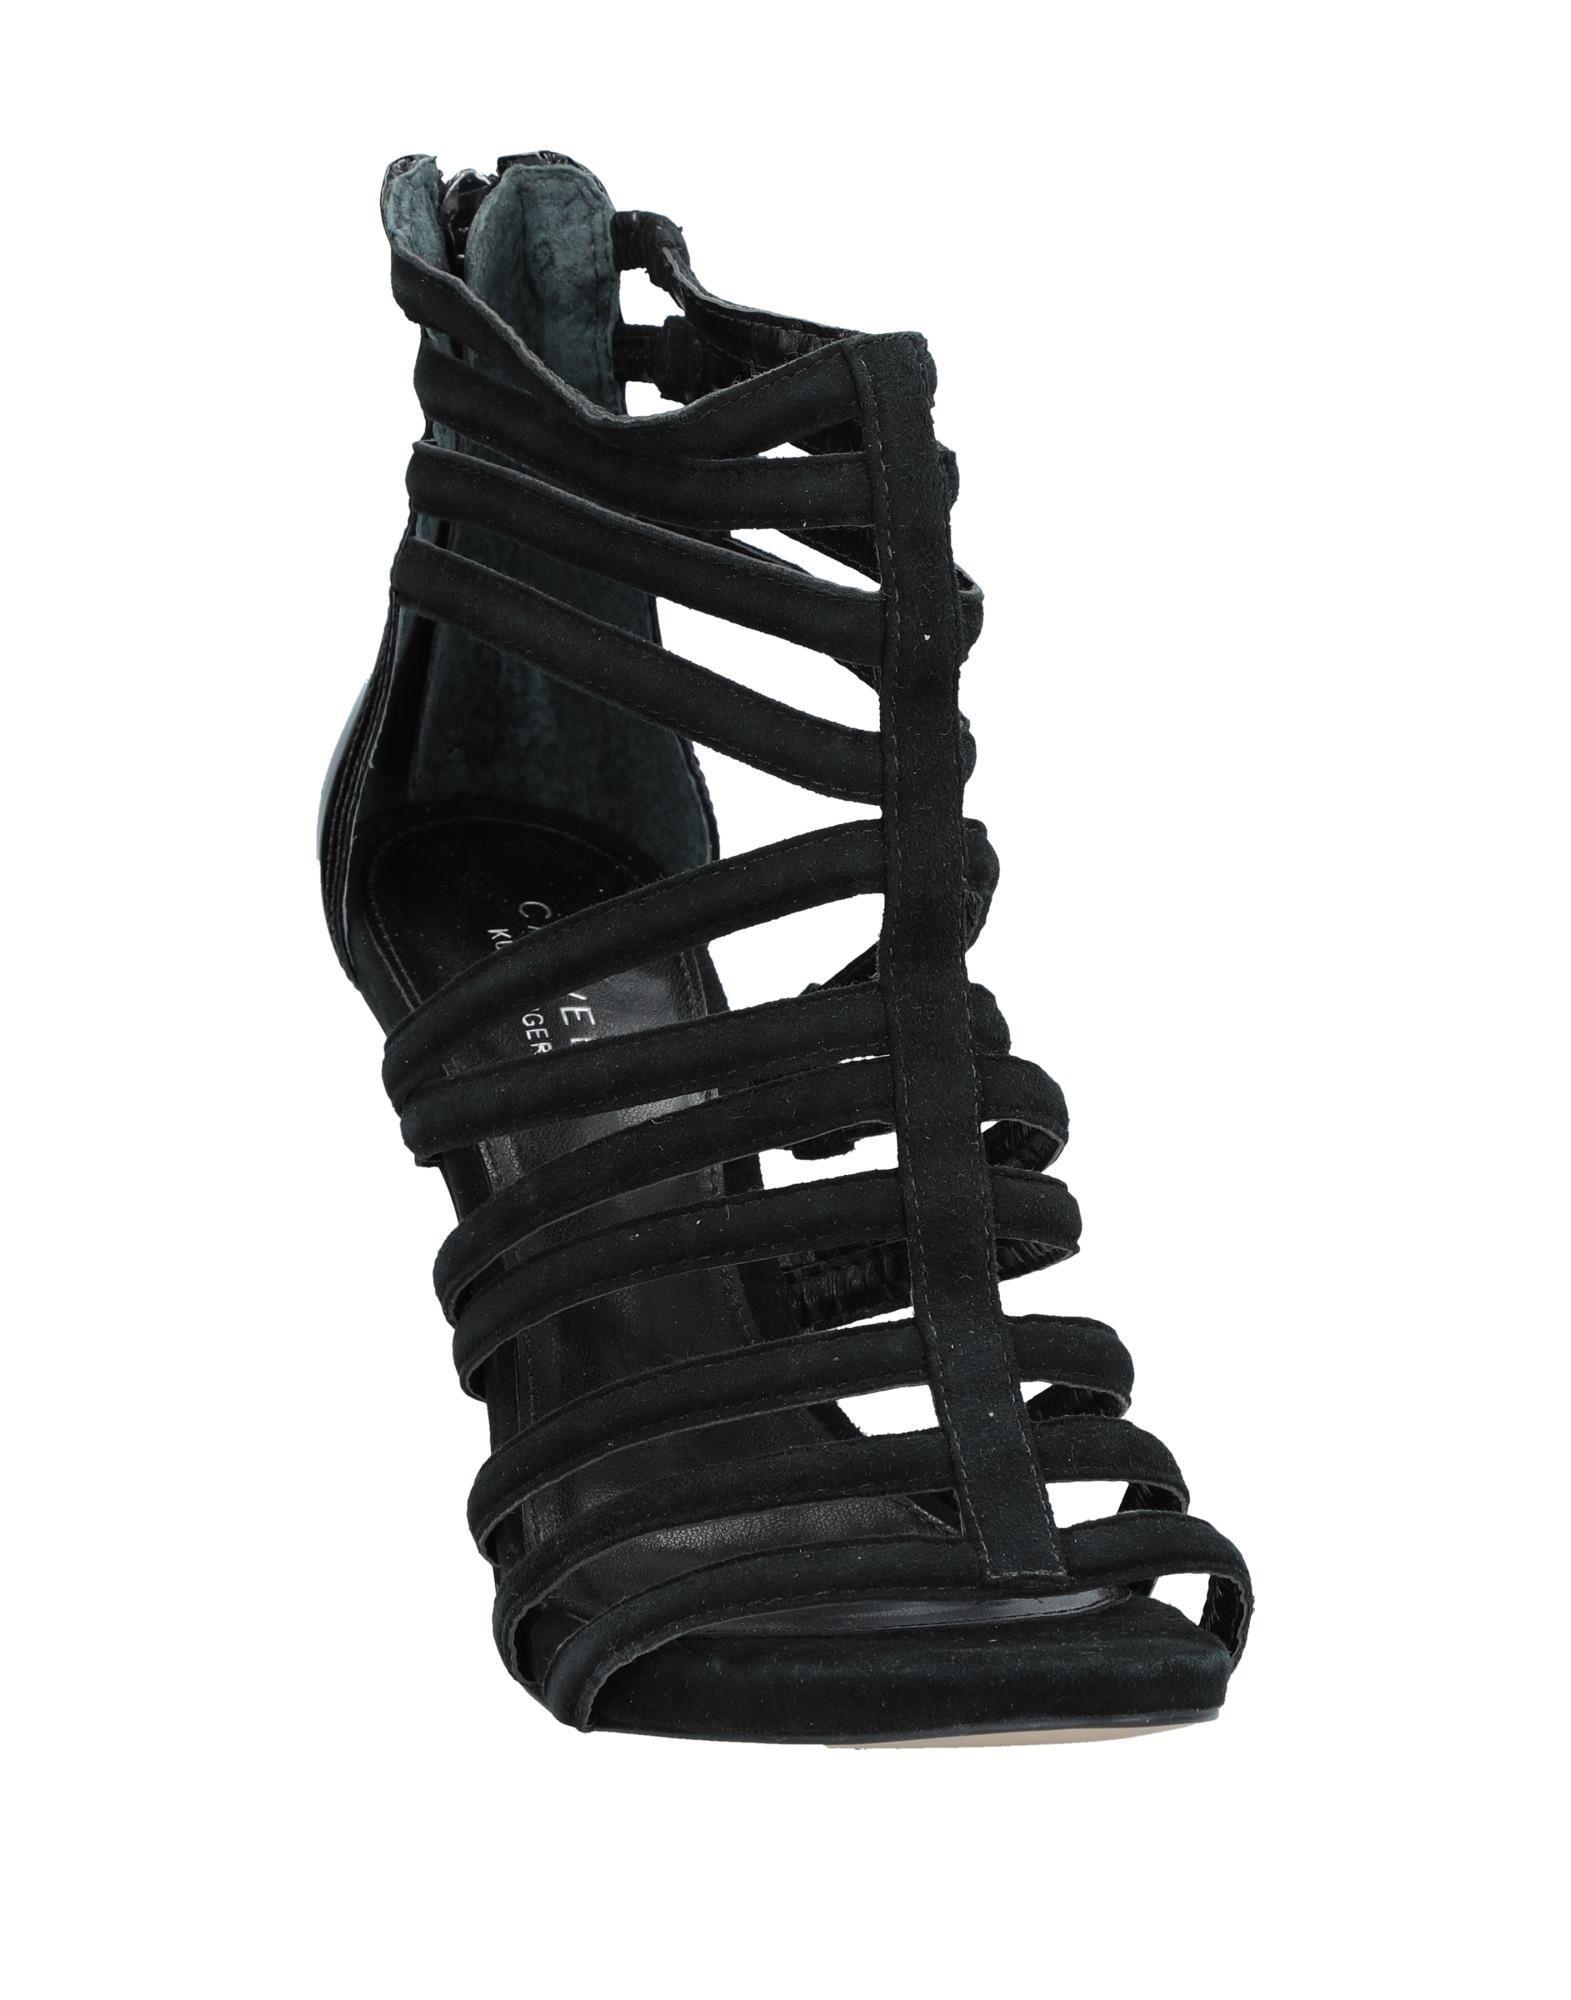 Carvela Black Leather Sandals